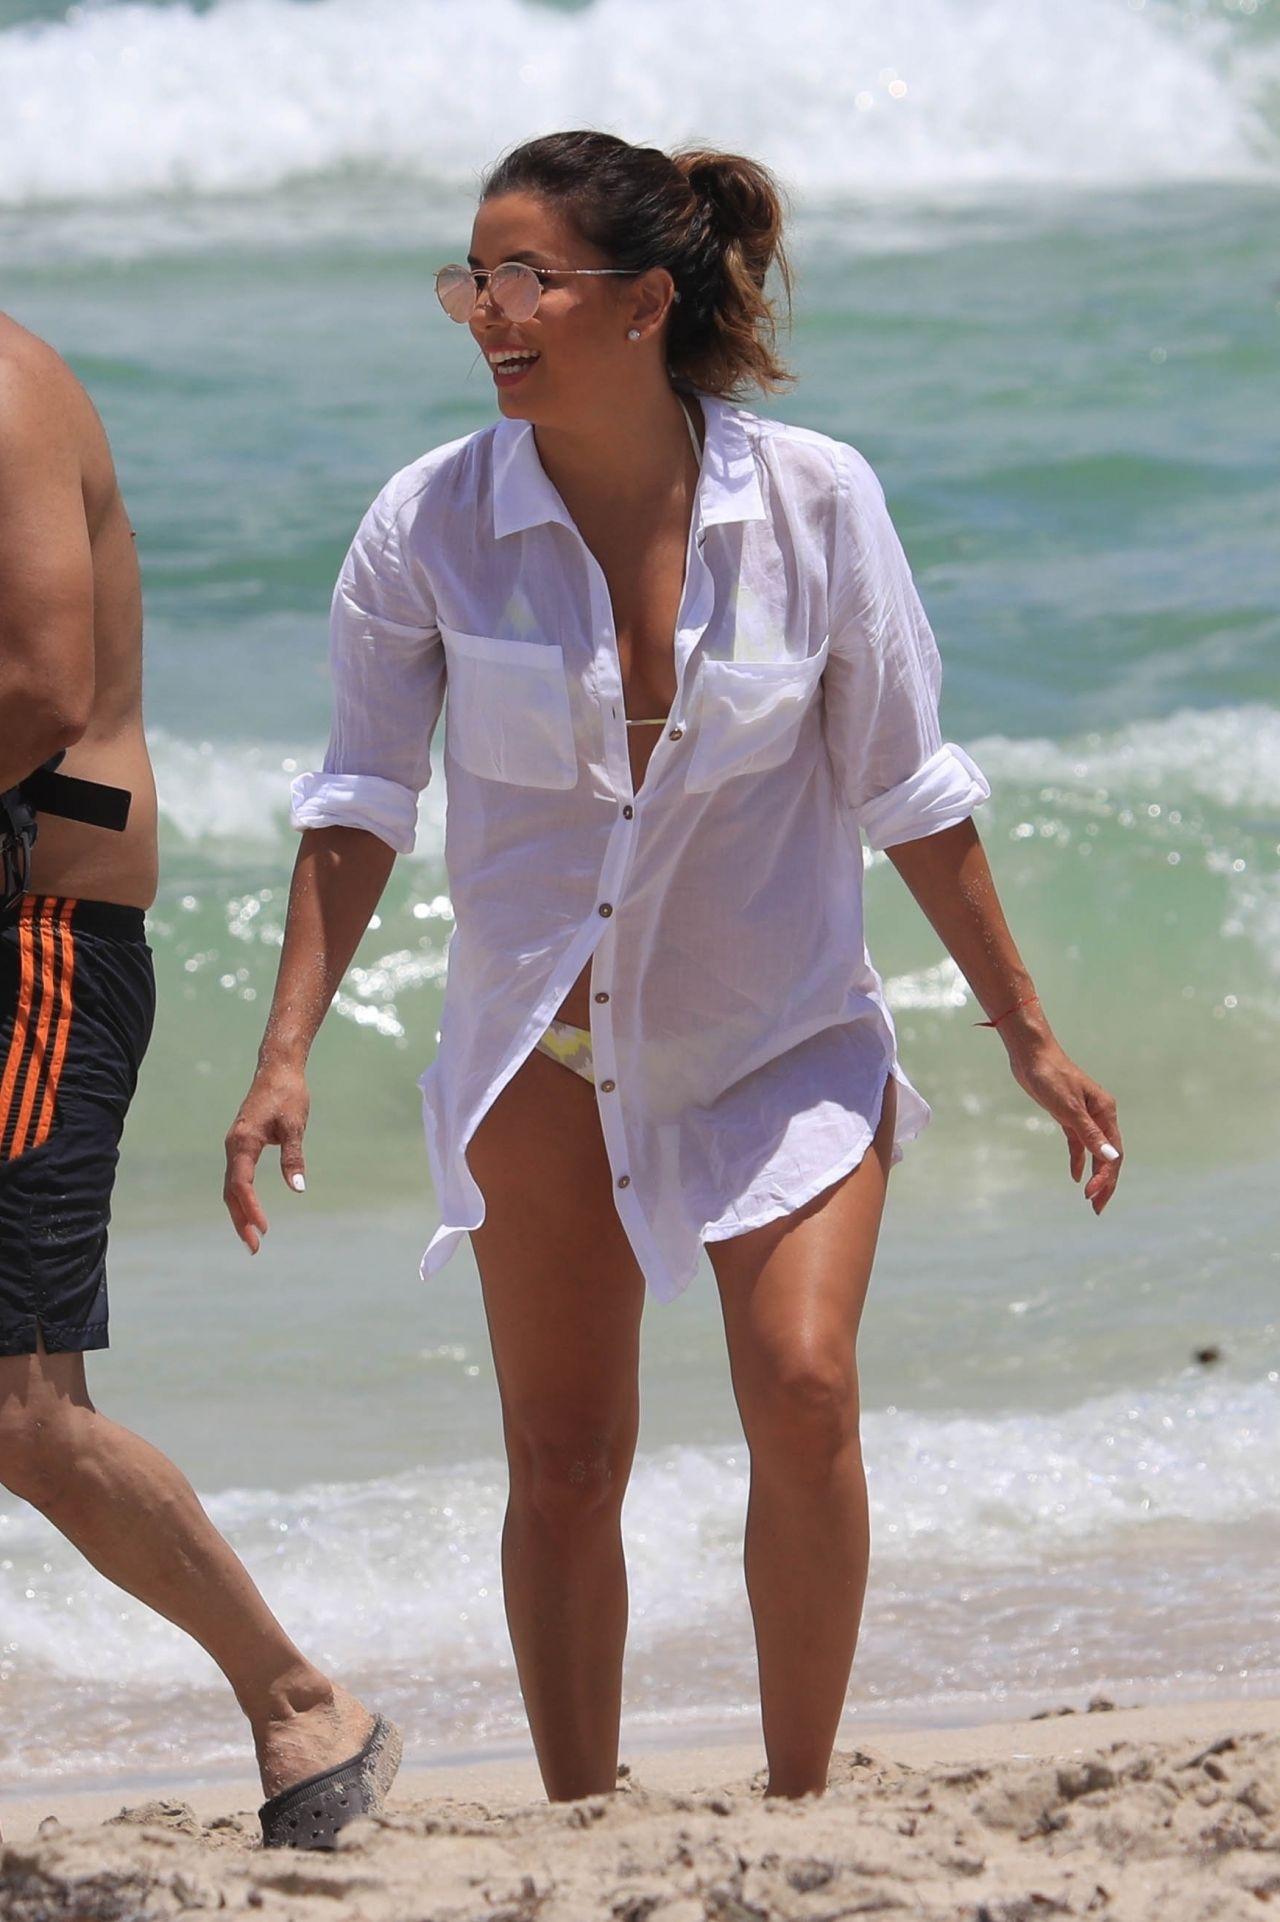 Eva longoria bikini candids beach in delos greece nude (37 pic)